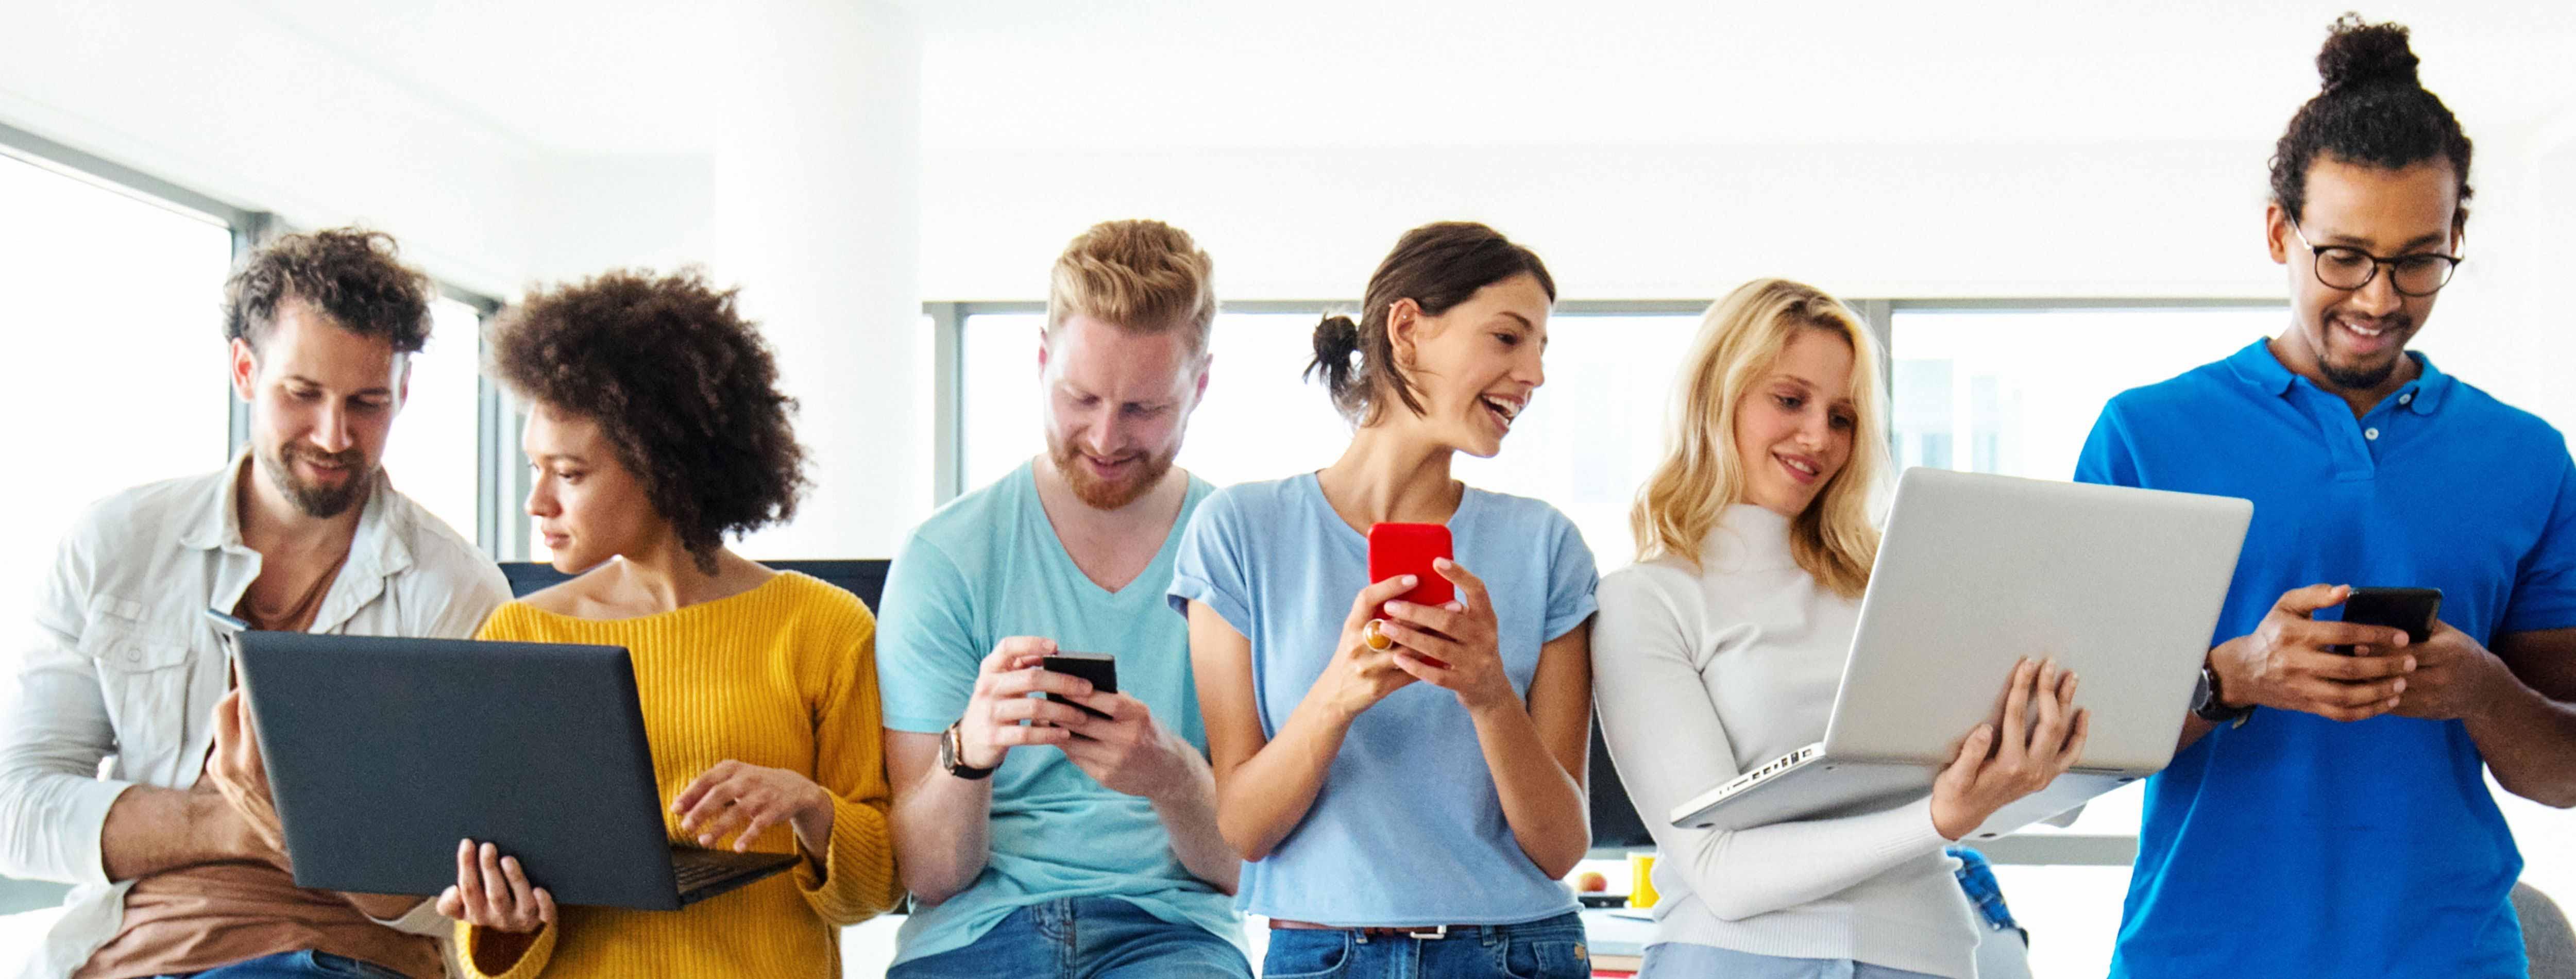 personnes utilisant des téléphones portables et des ordinateurs portables